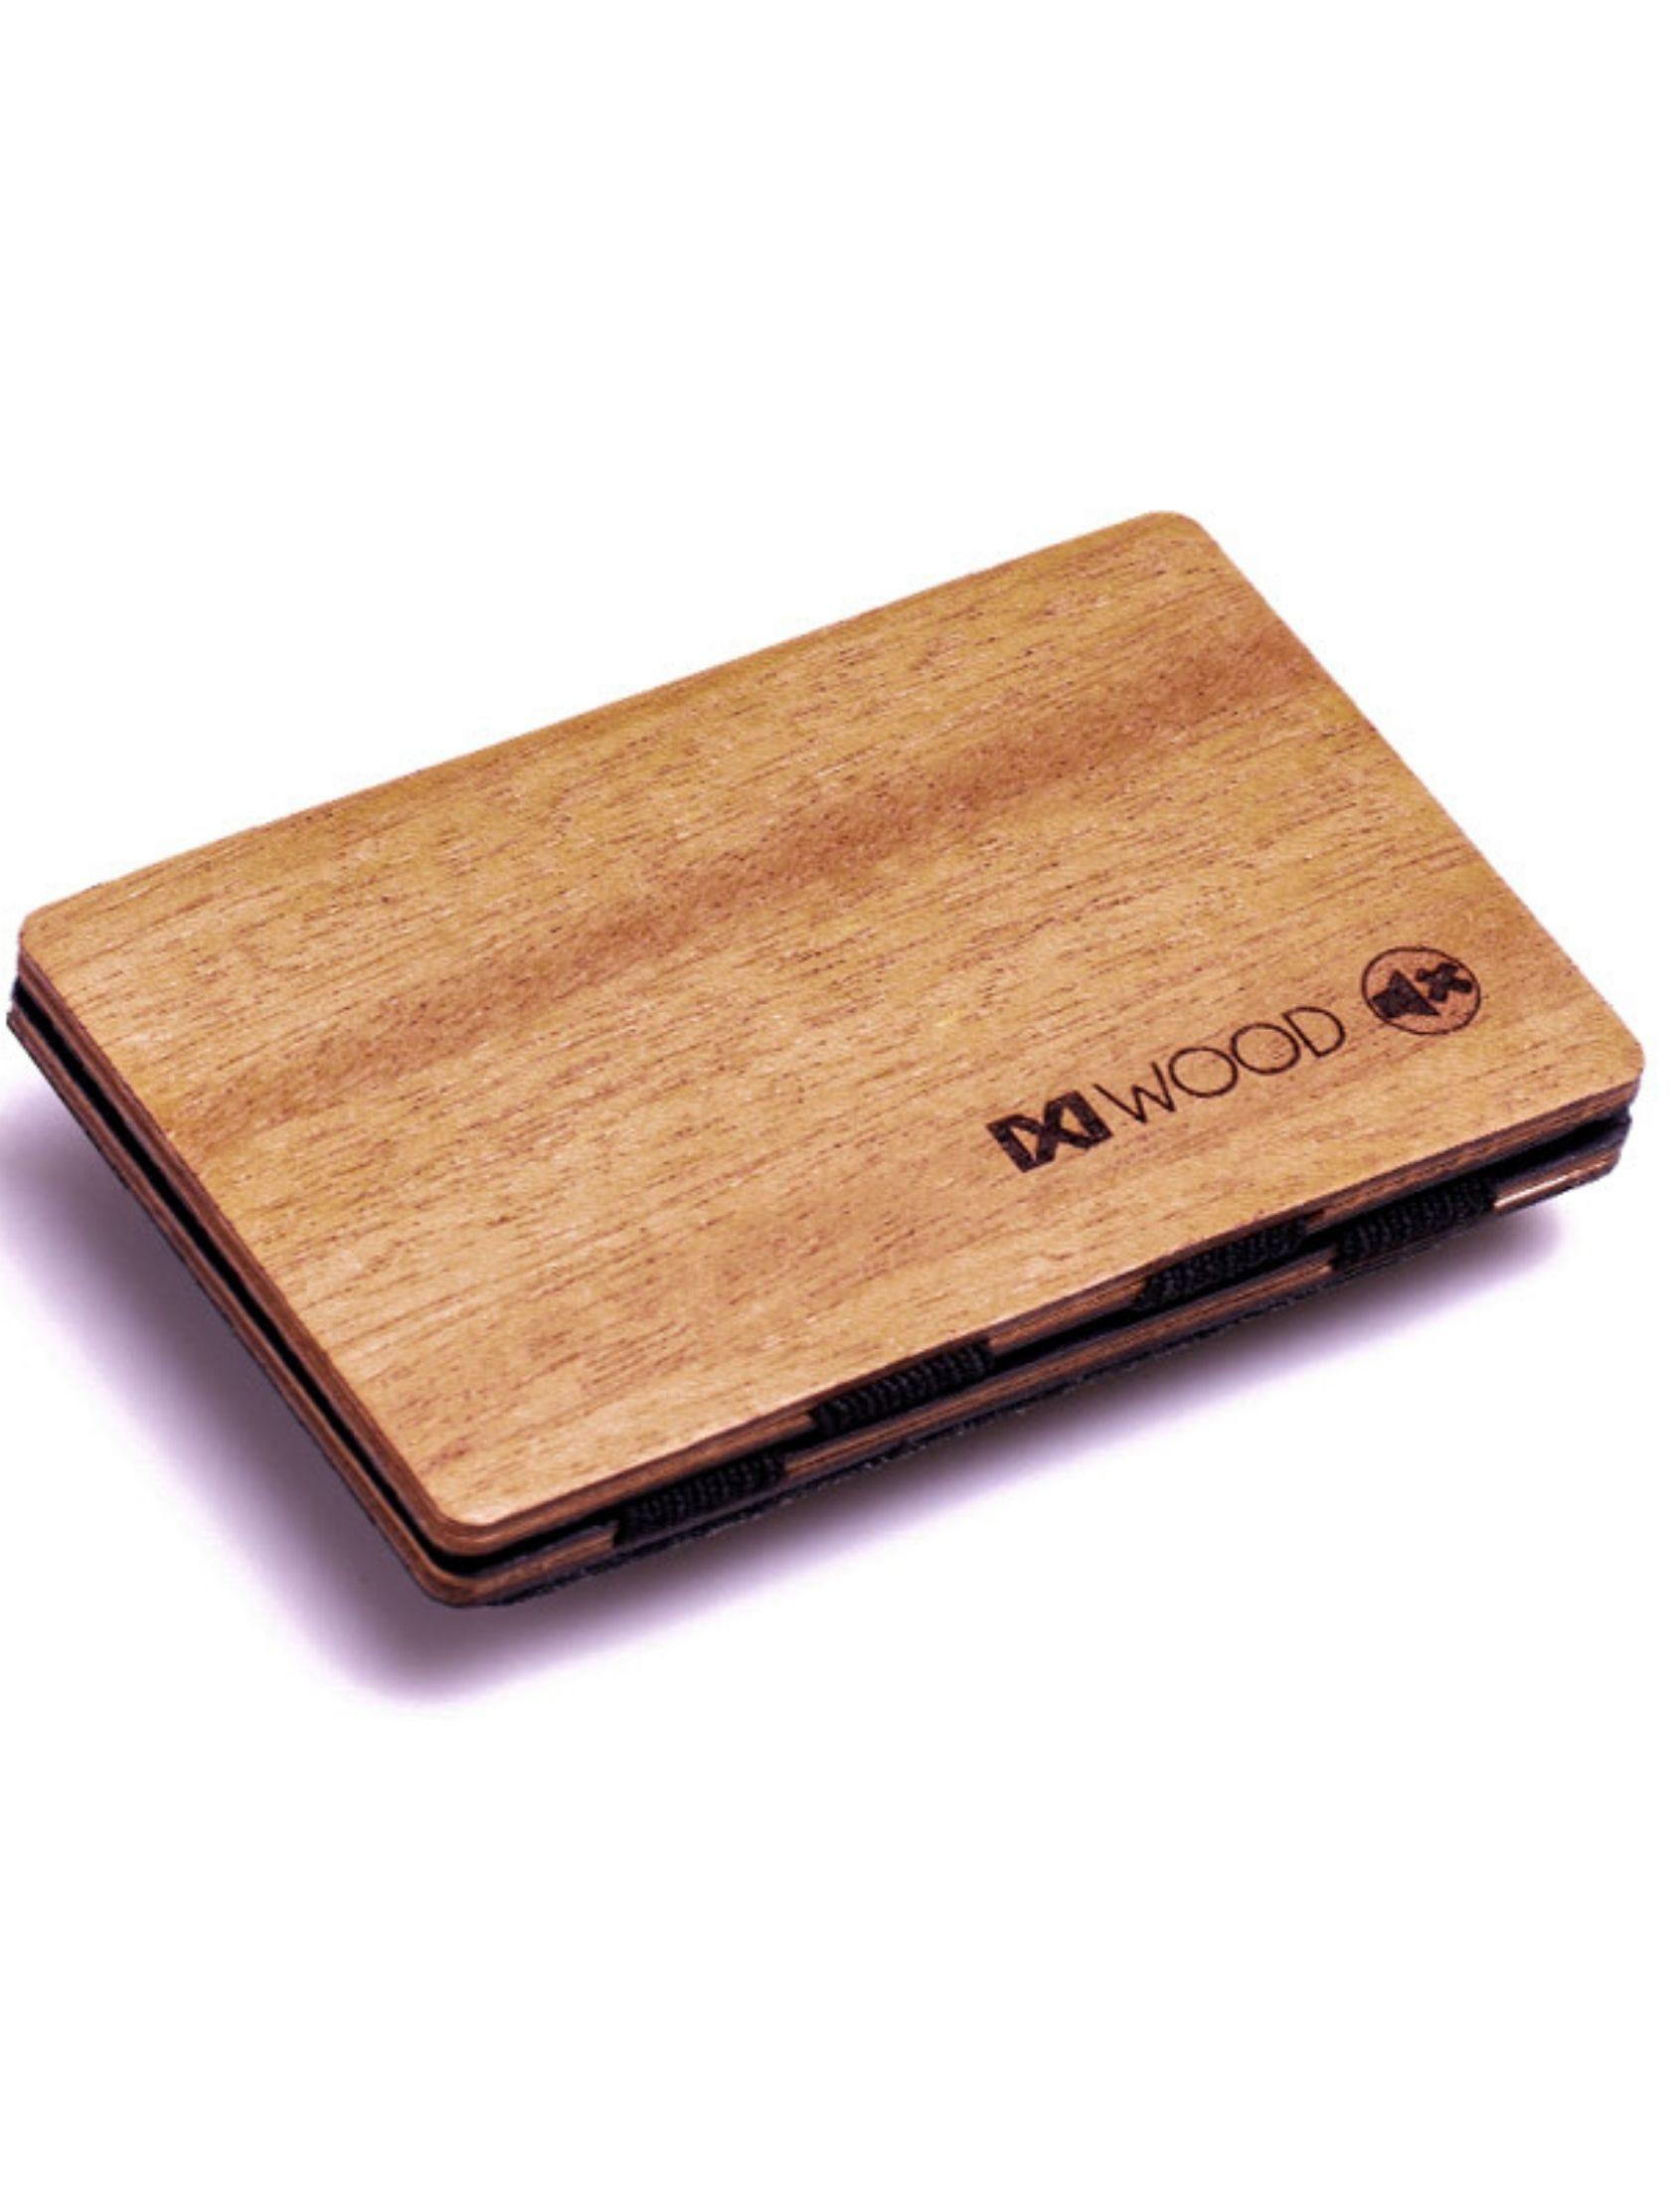 cartera IROKO de madera IXI WOOD